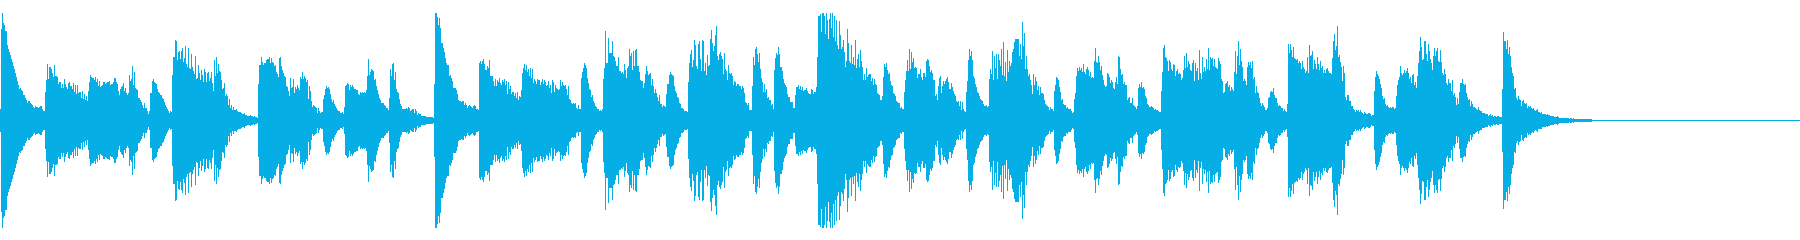 日本のお祭り和風ジングル27-ピアノソロの再生済みの波形